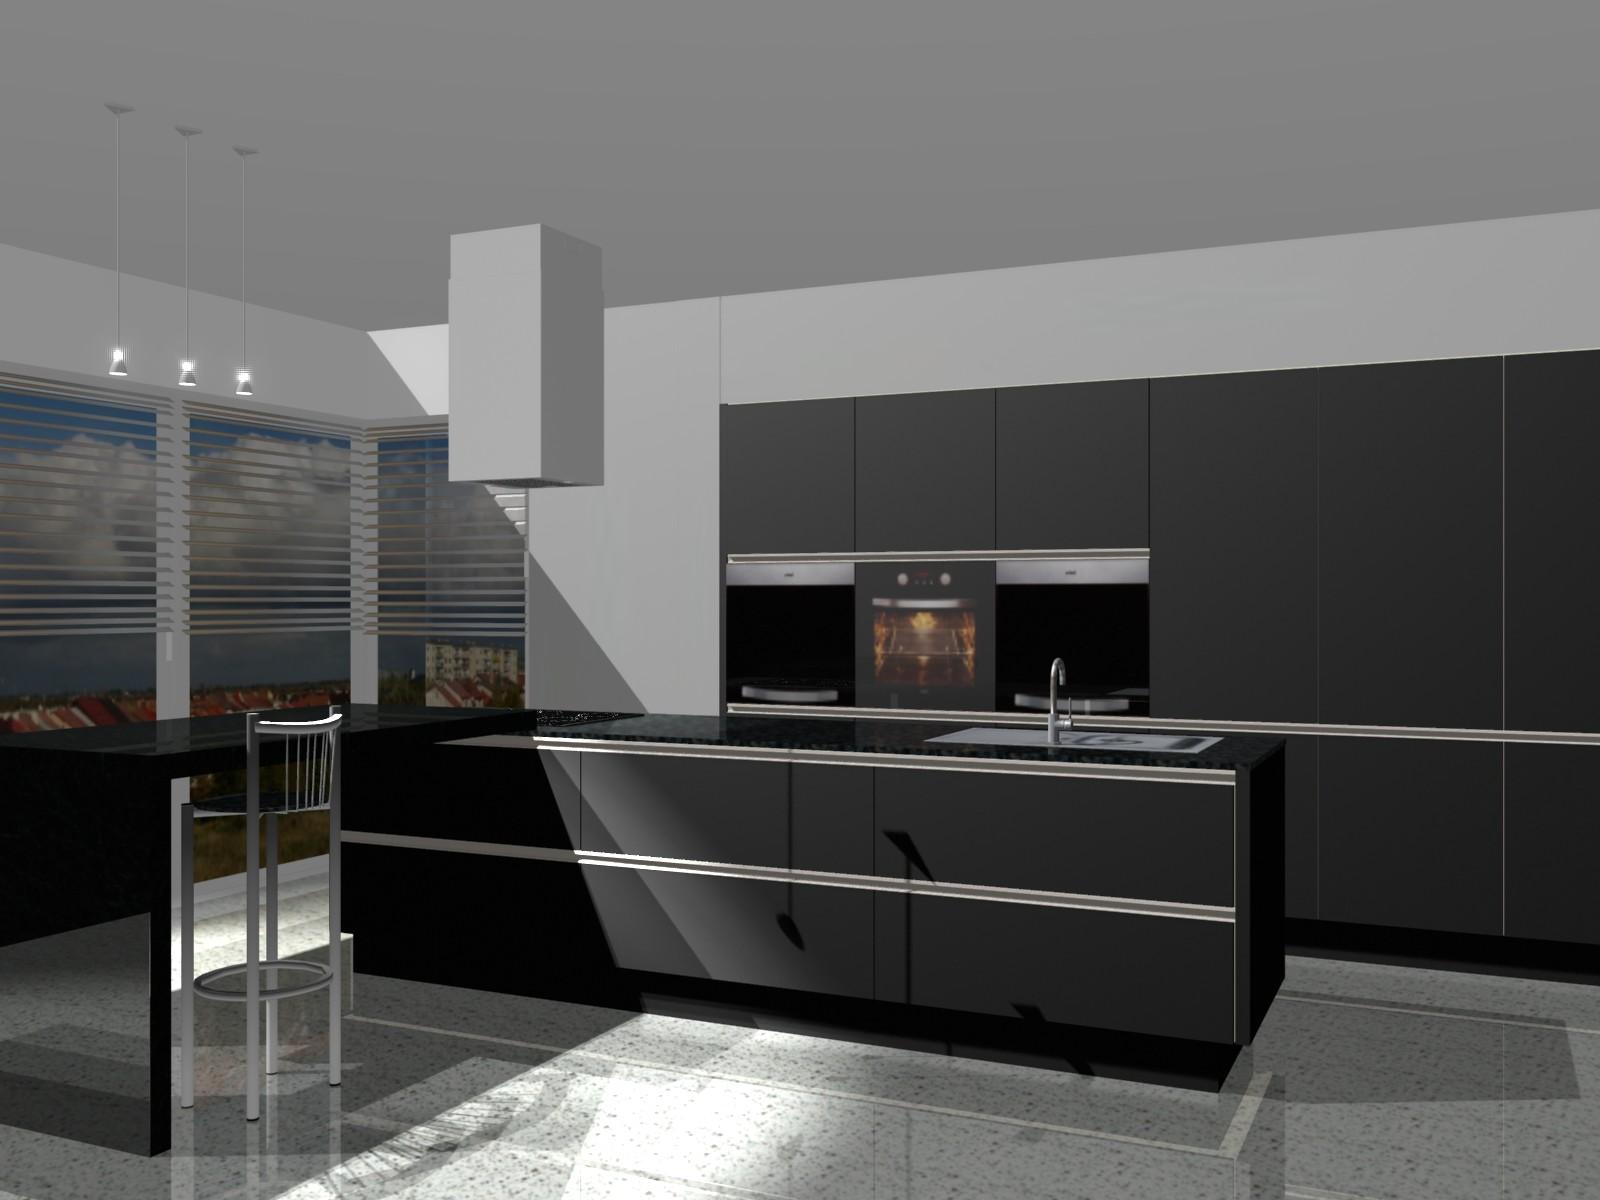 projekt kuchni nowoczesnej (2) - Projekty i aranżacje wnętrz  Fabryka Projektów